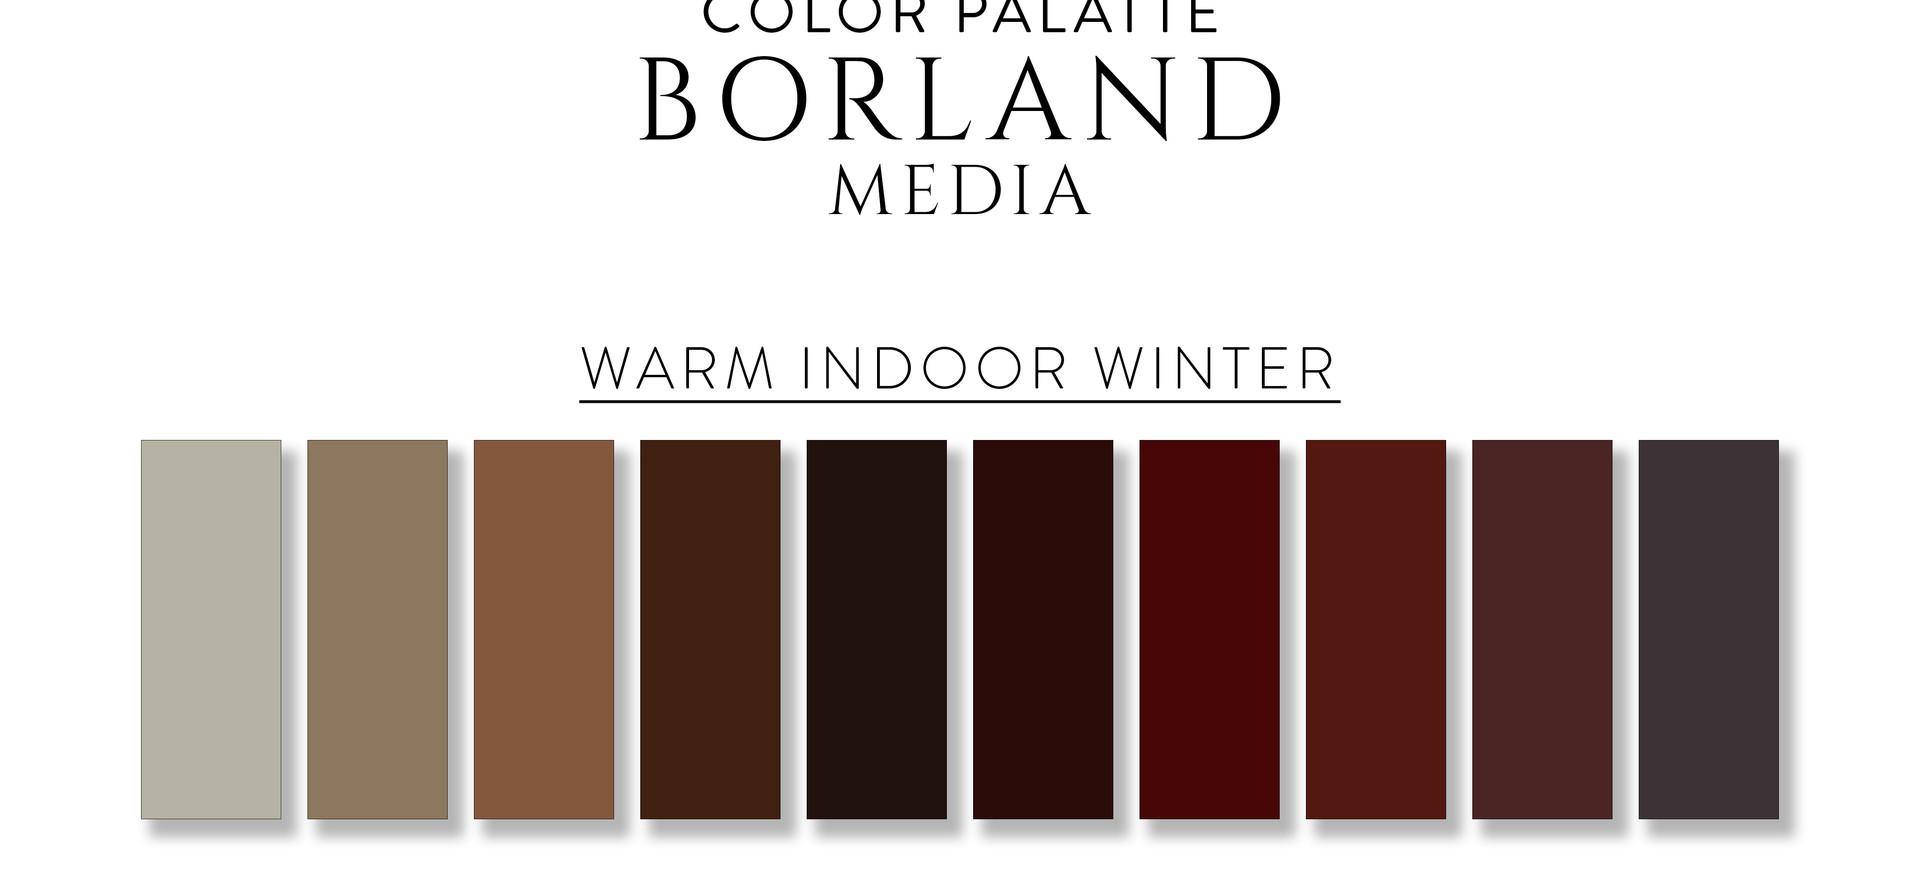 Warm Indoor Winter